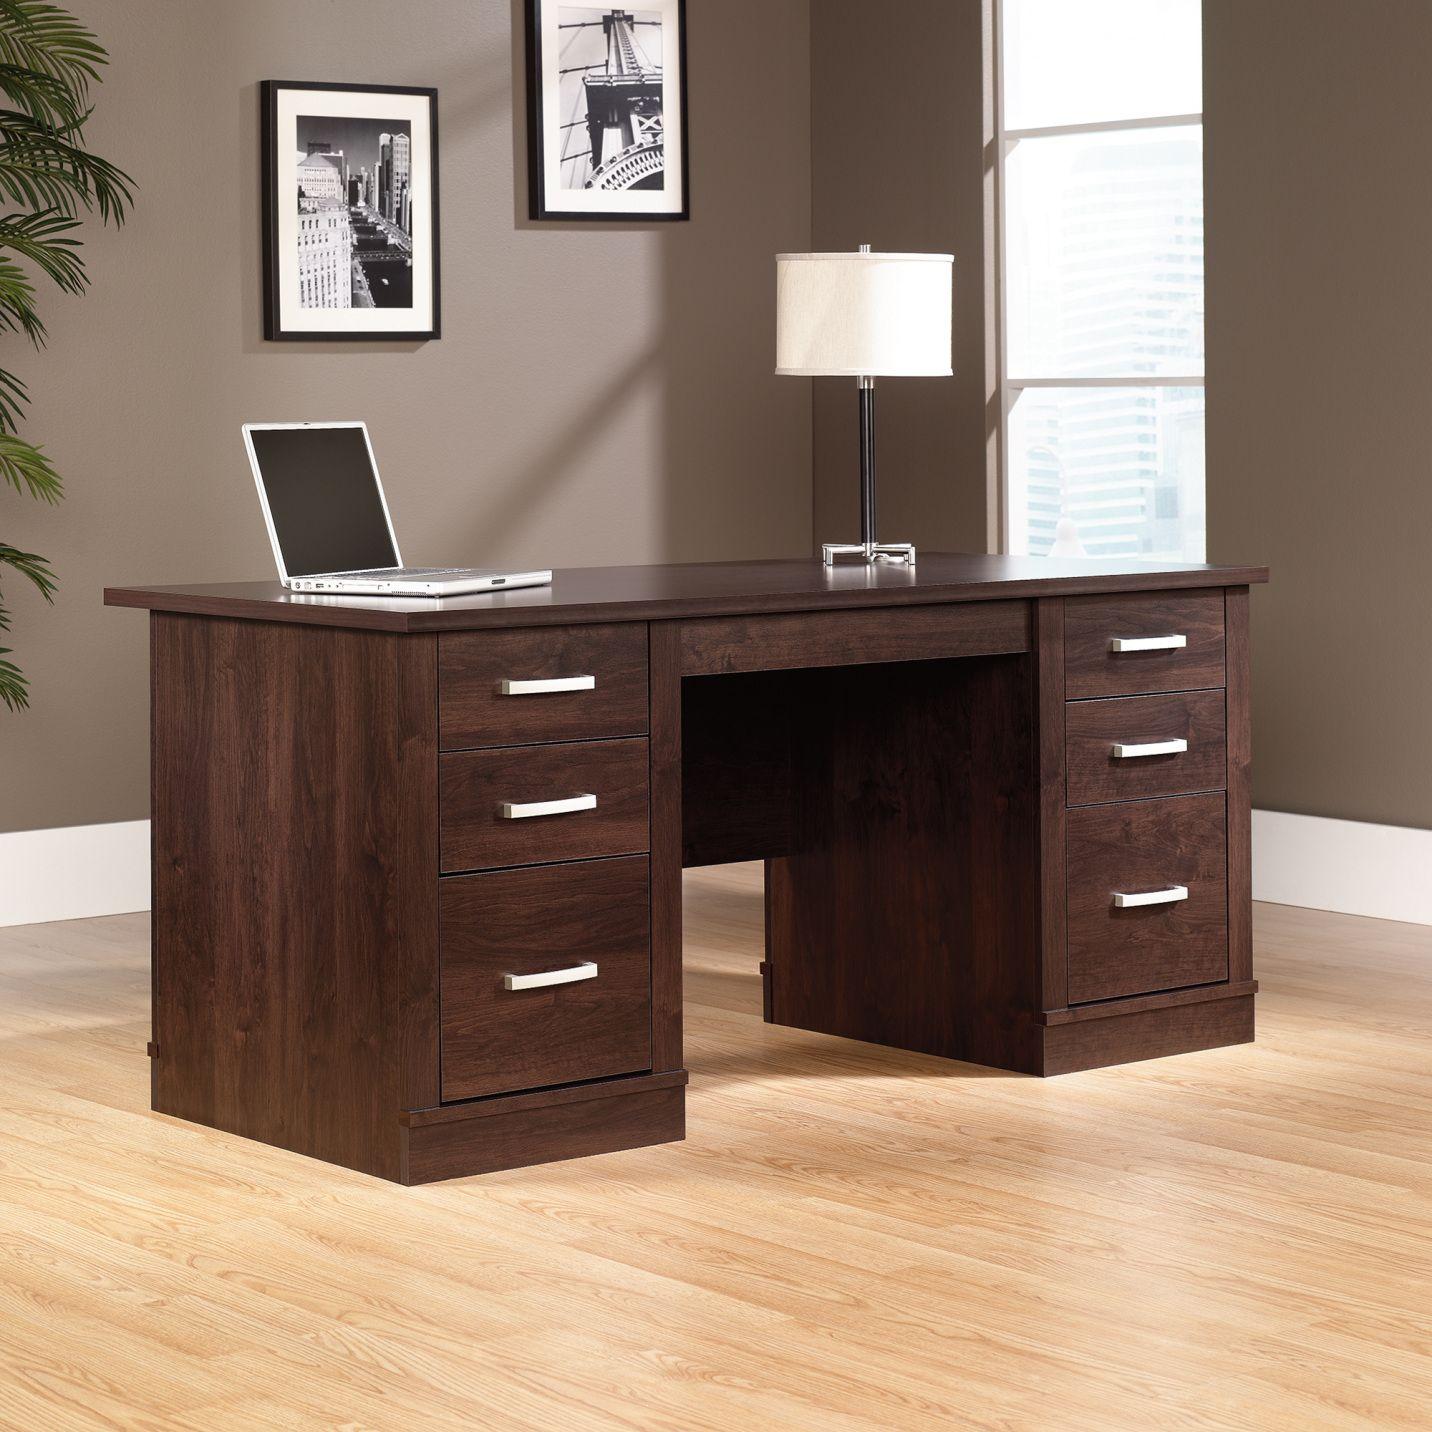 Sauder Office Port Executive Desk Contemporary Home